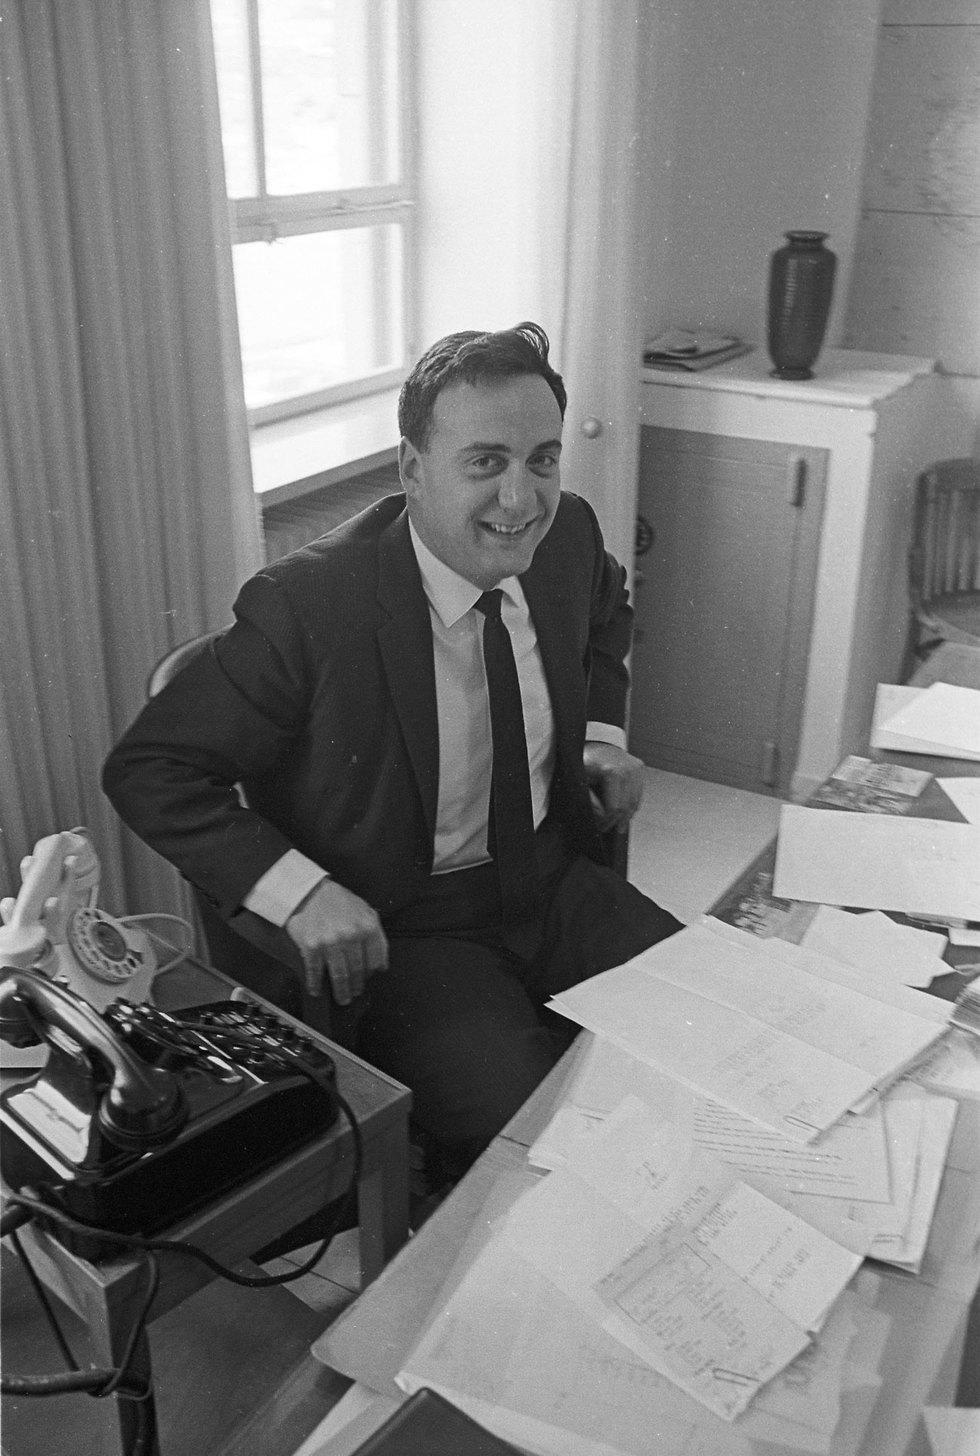 לוברני בתקופה שבה שימש כשגריר ישראל באיראן (צילום: דוד רובינגר) (צילום: דוד רובינגר)